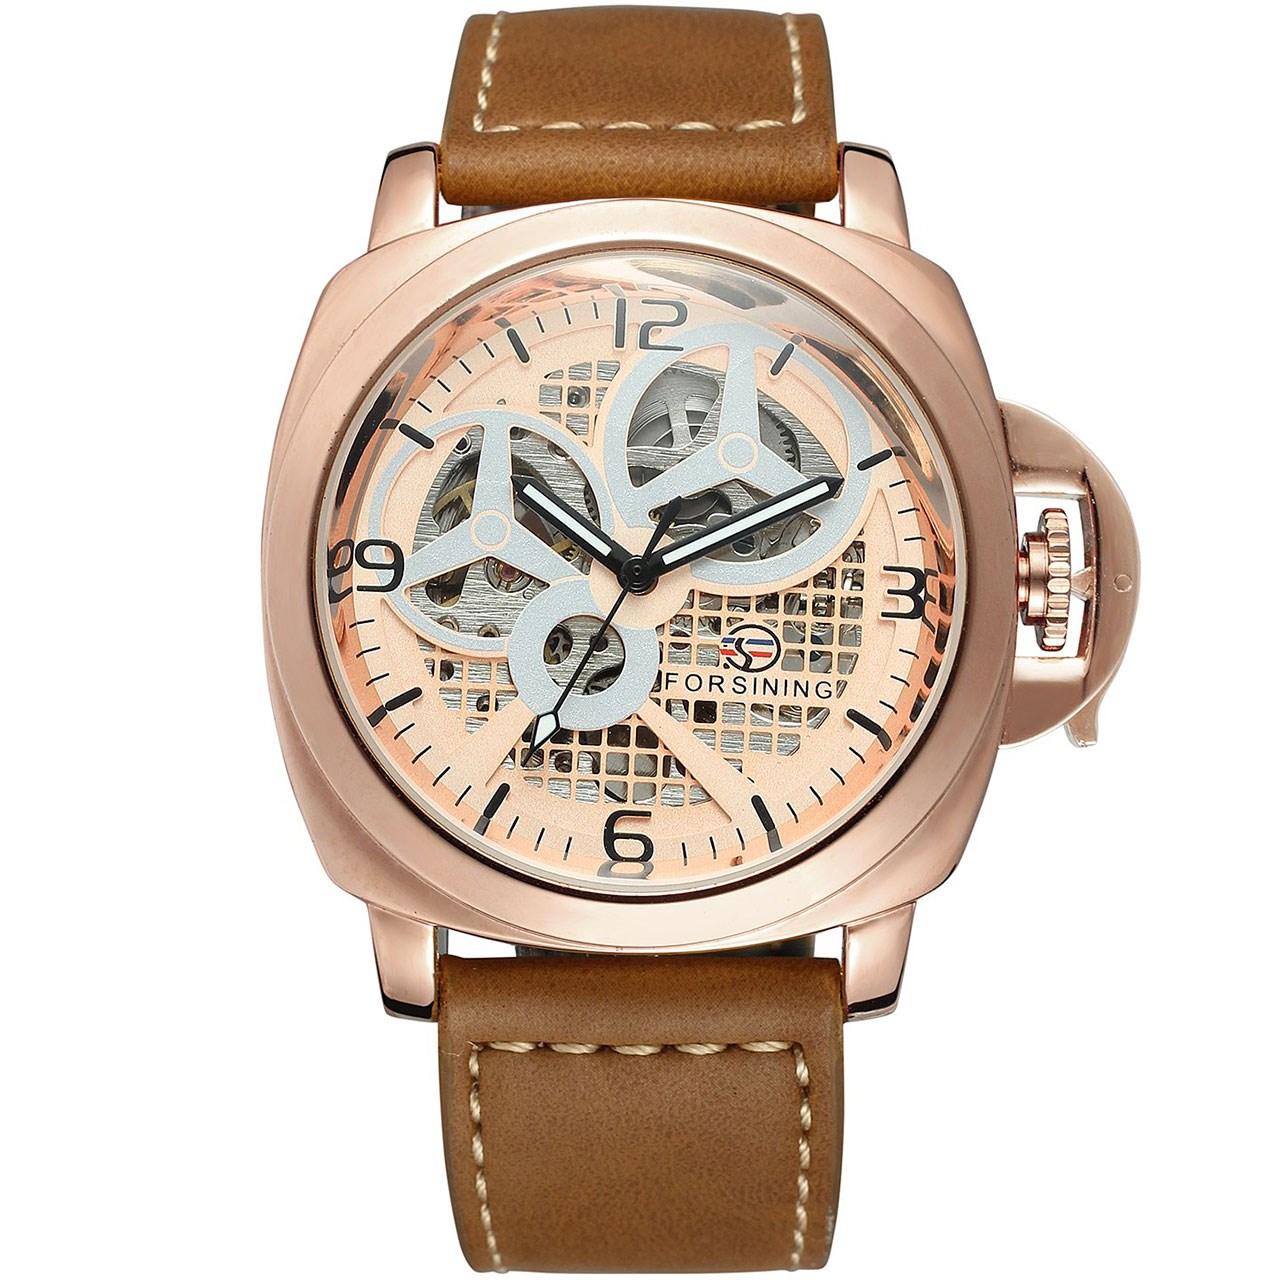 ساعت مچی عقربهای مردانه فورسنینگ مدل FSG8132M3R1 56